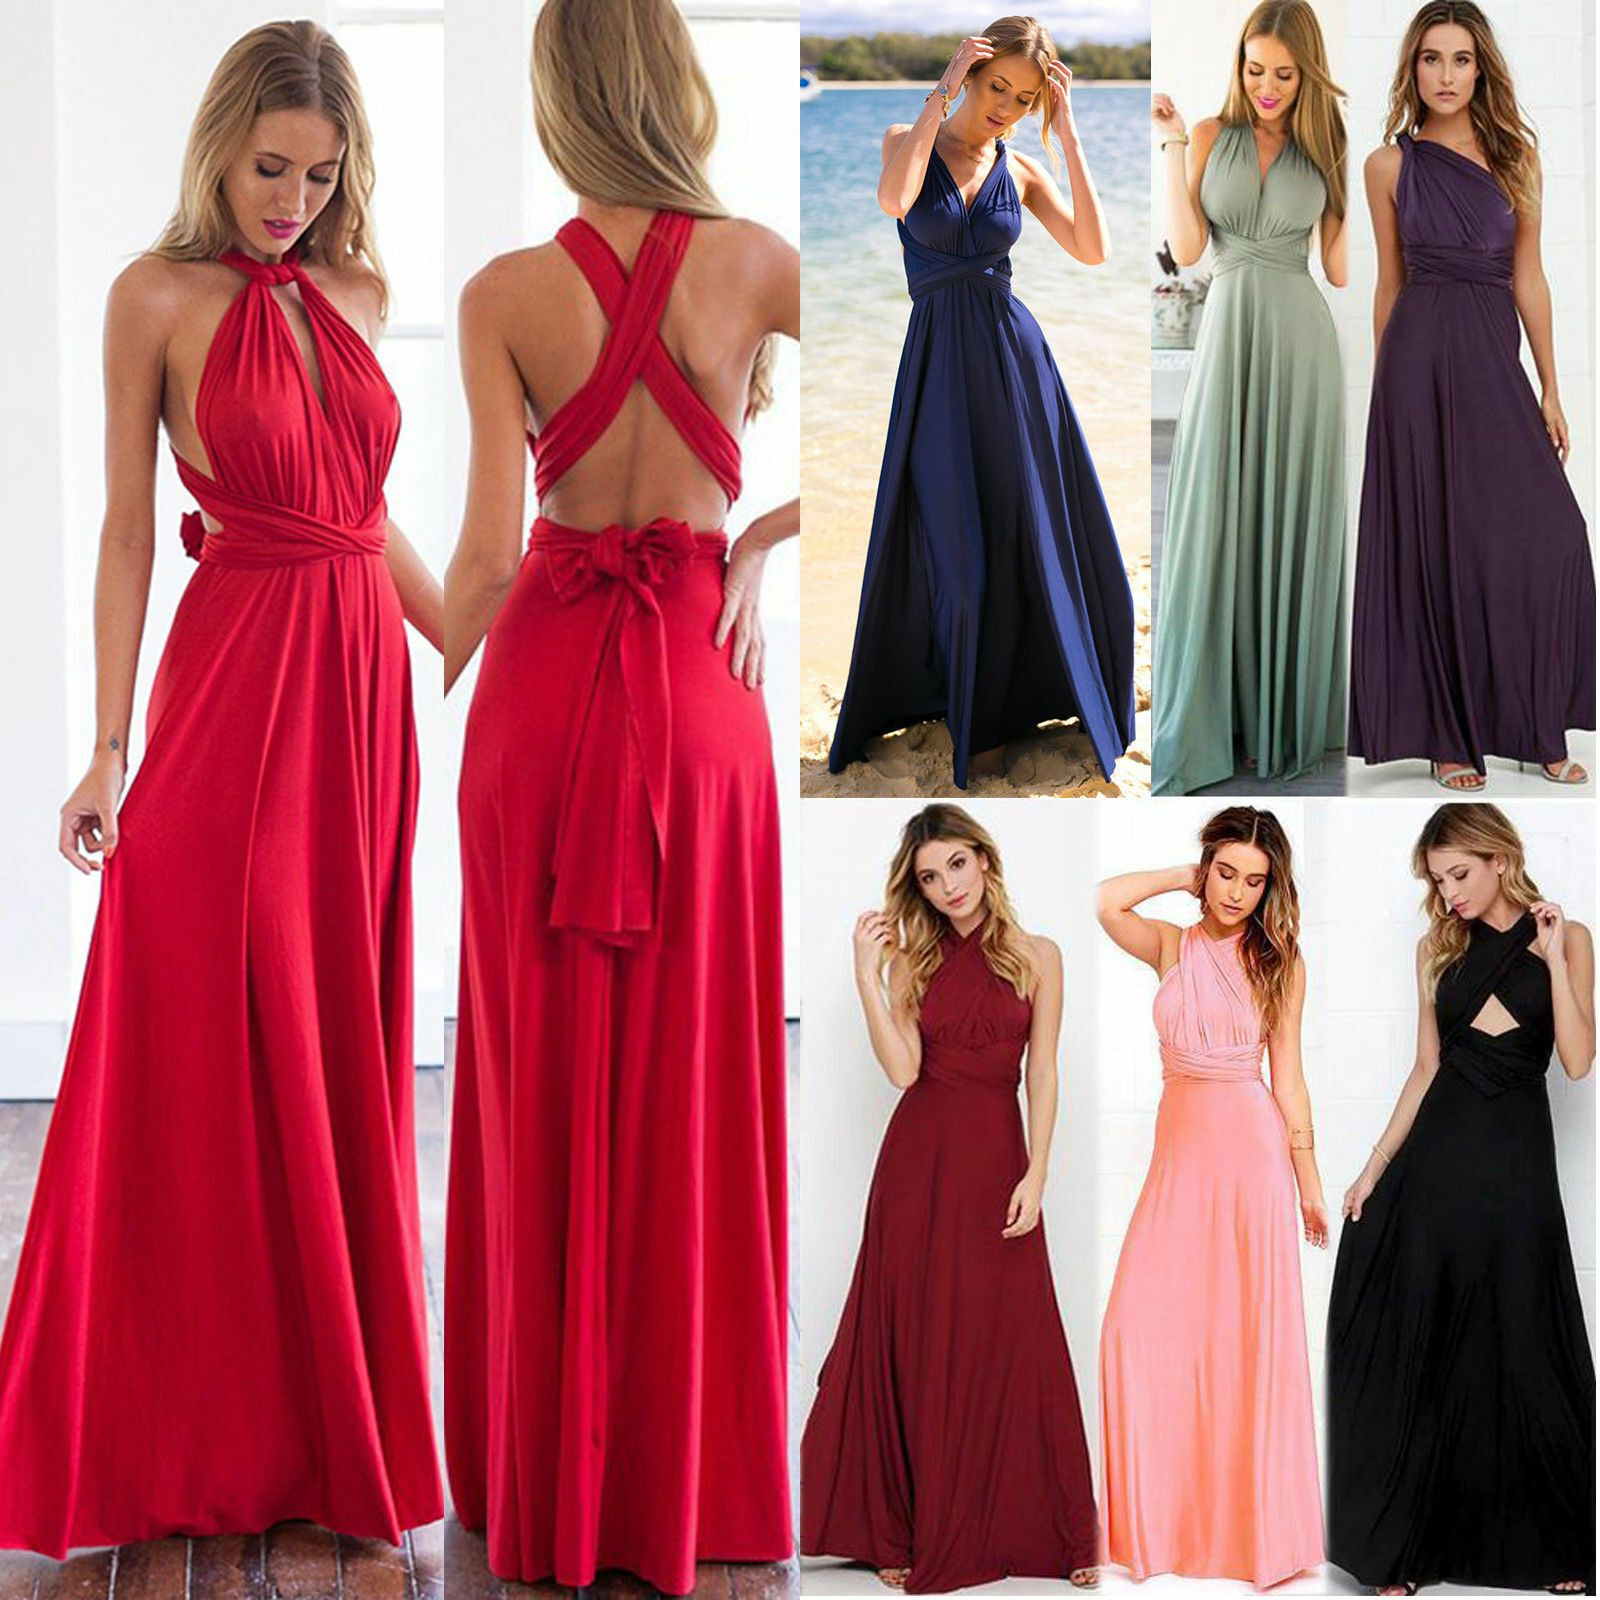 17 Einzigartig Maxikleid Abendkleid Design20 Einfach Maxikleid Abendkleid für 2019